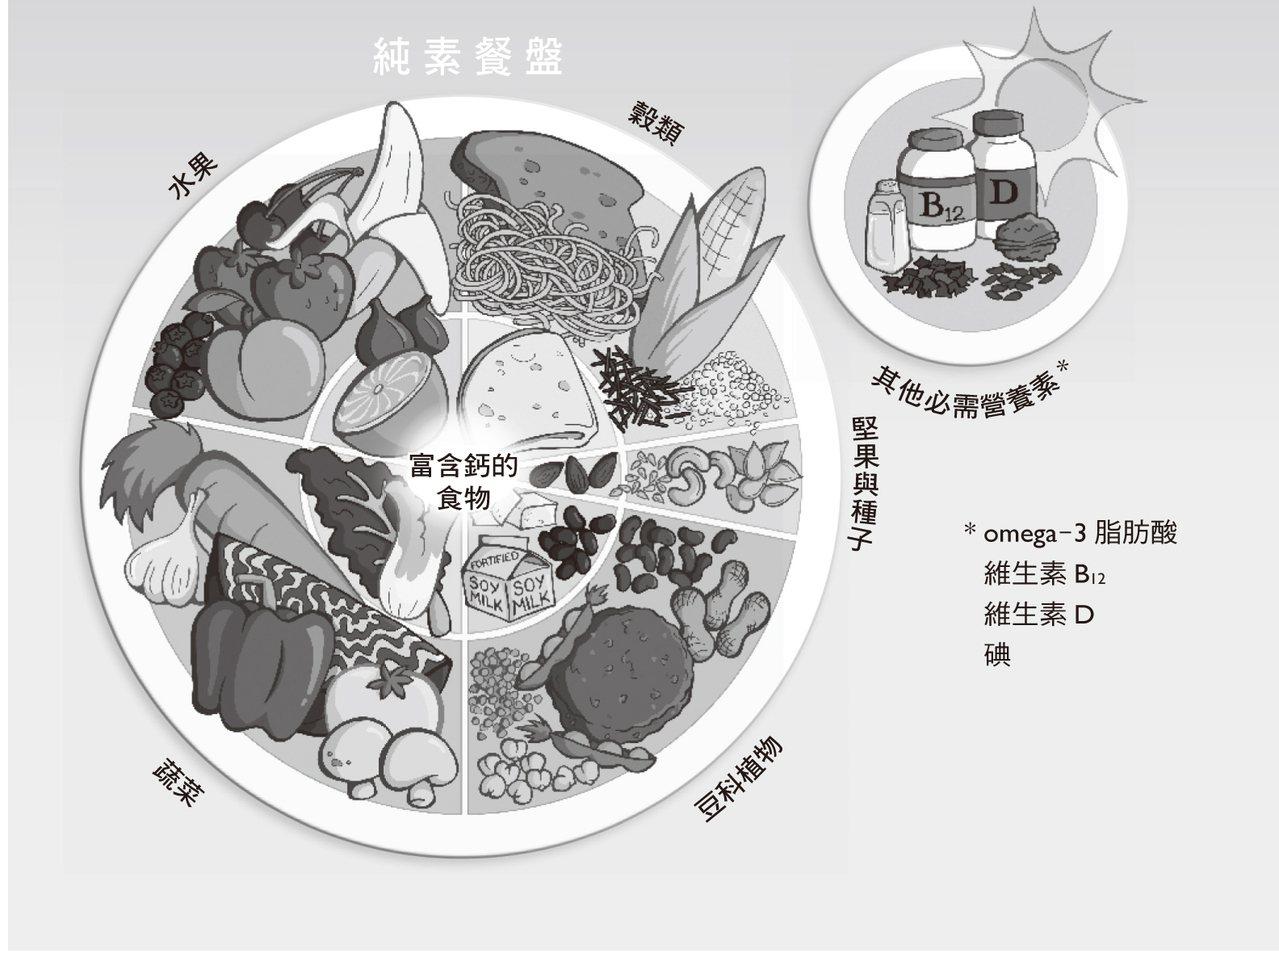 純素餐盤 圖/漫遊者文化